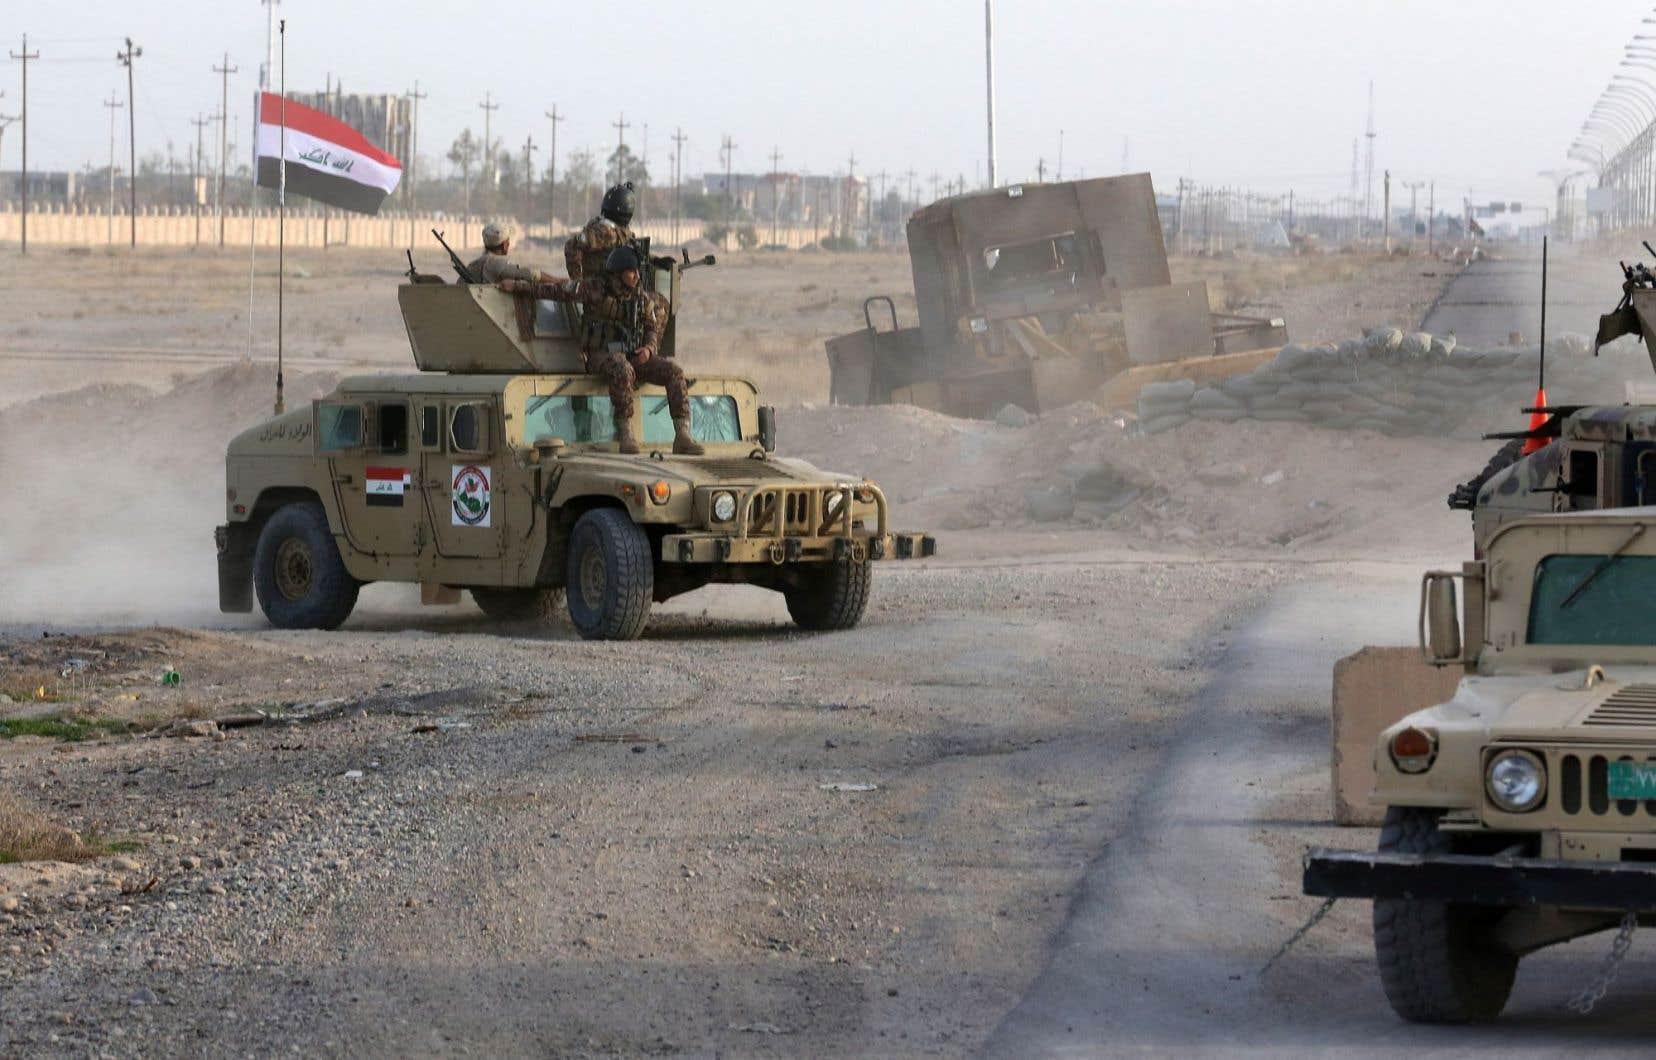 L'ONU avait adopté en août 2014 une résolution visant à couper les fonds aux djihadistes en menaçant de sanctionner les pays qui leur achèteraient du pétrole.